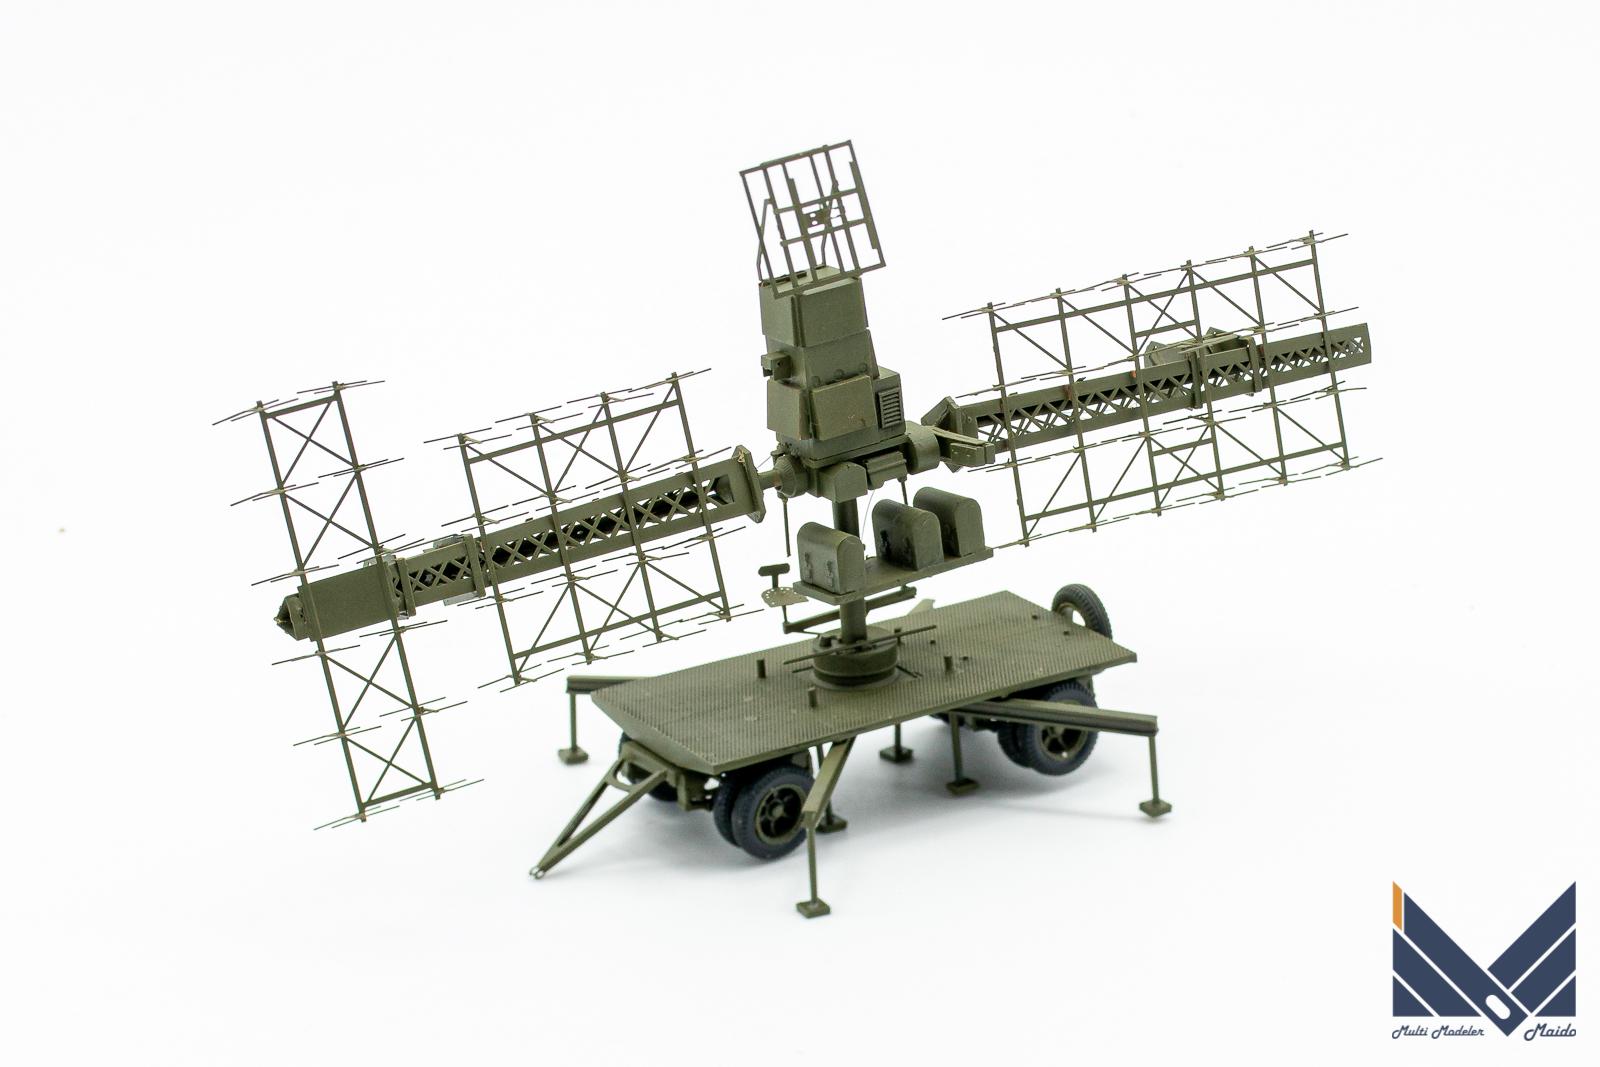 ZZモデル 1/72 SCR-268 レジンキット完成品